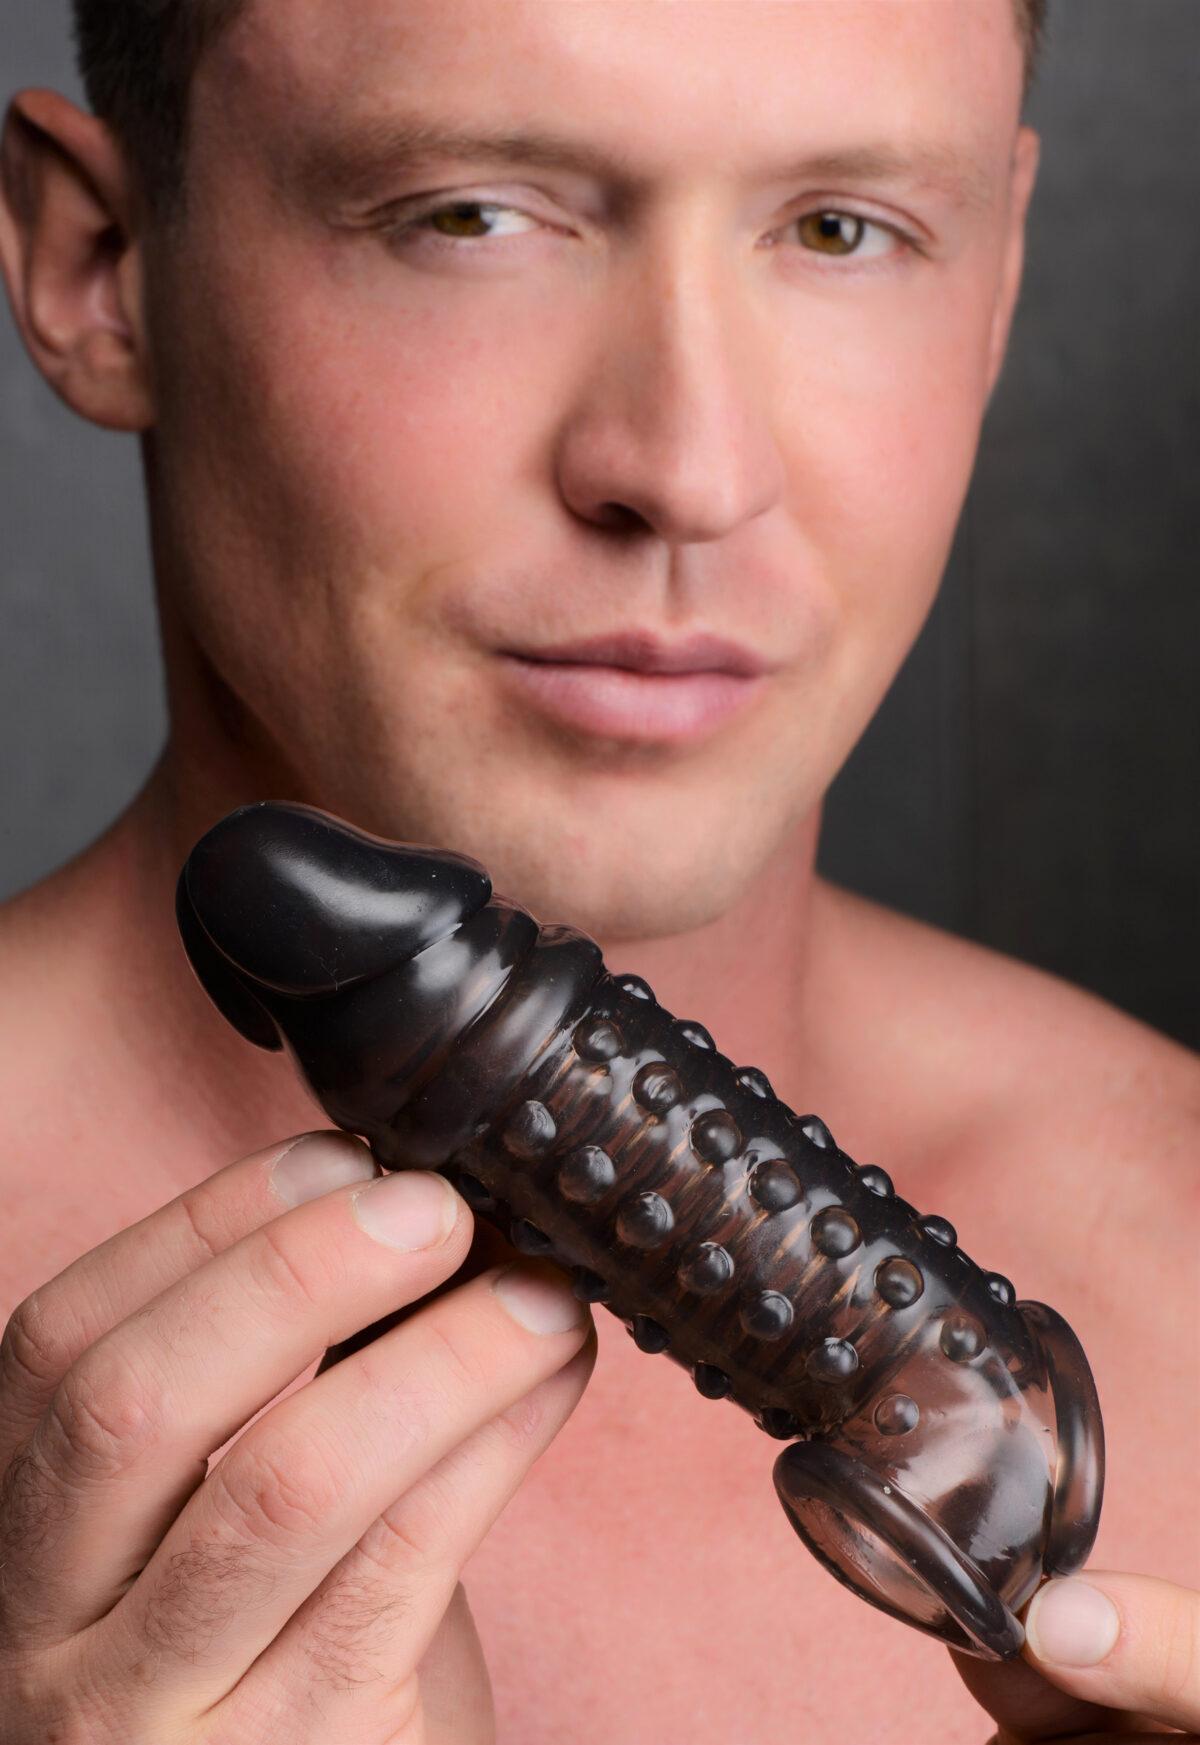 1.5 Inch Penis Enhancer Sleeve - Smoke - c3e83cba